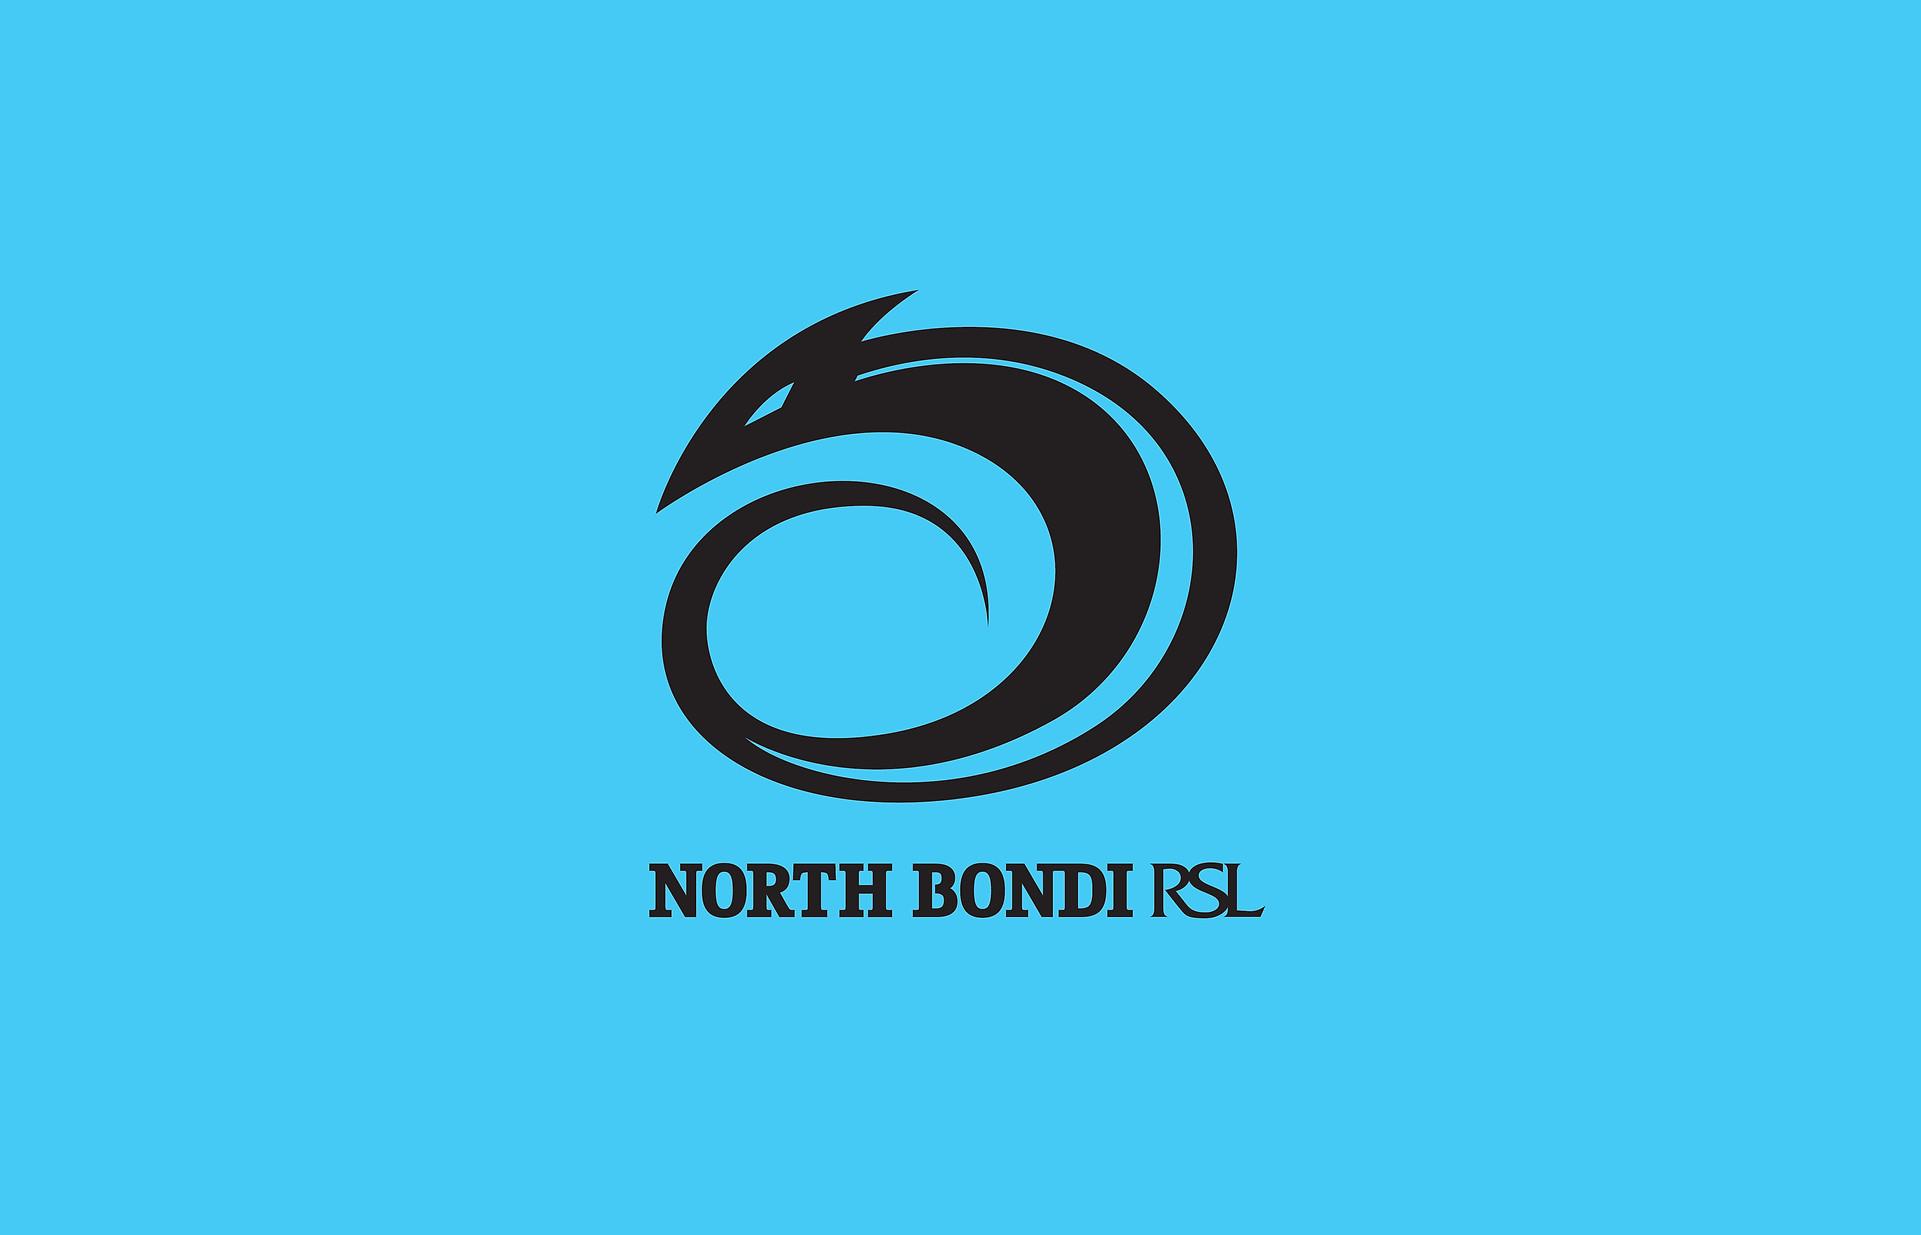 NBRSL_IDENTITY_NEW-01.jpg